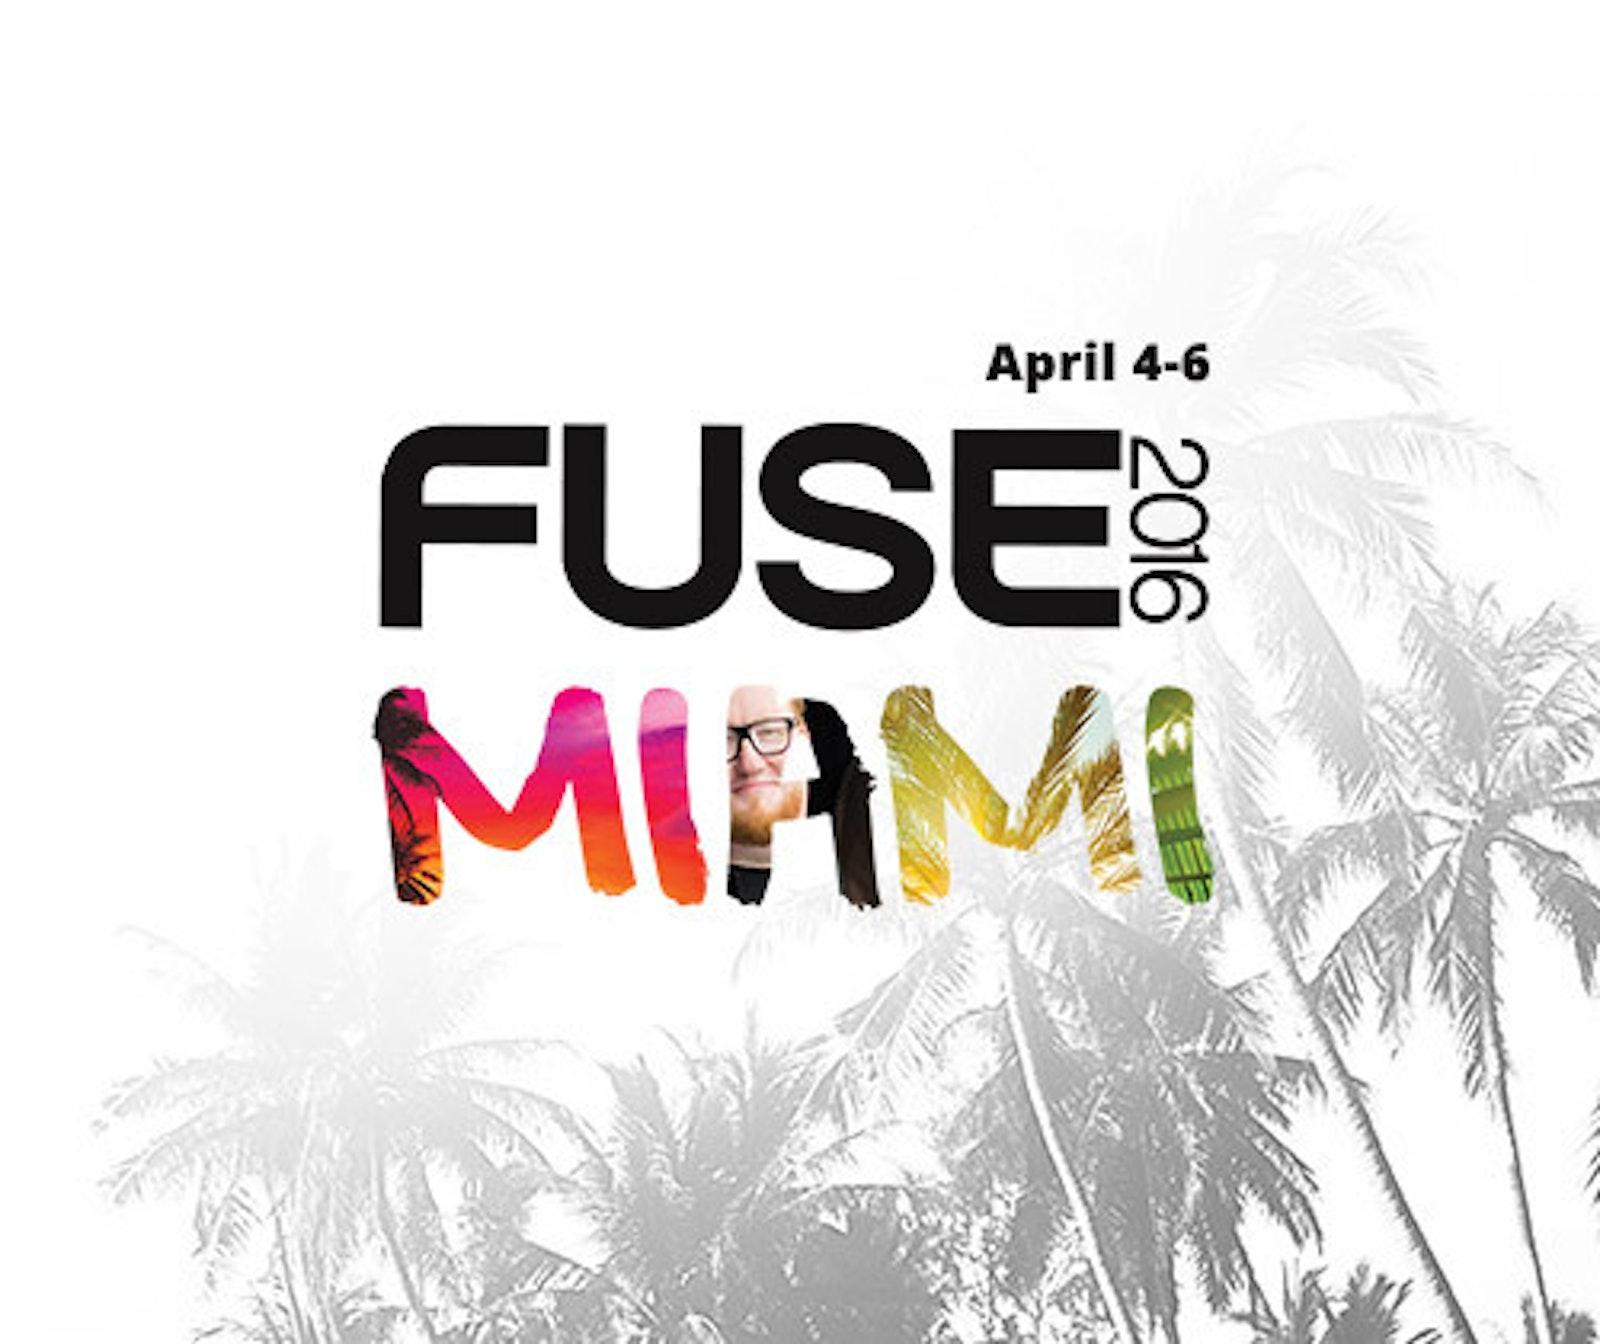 Fuse square